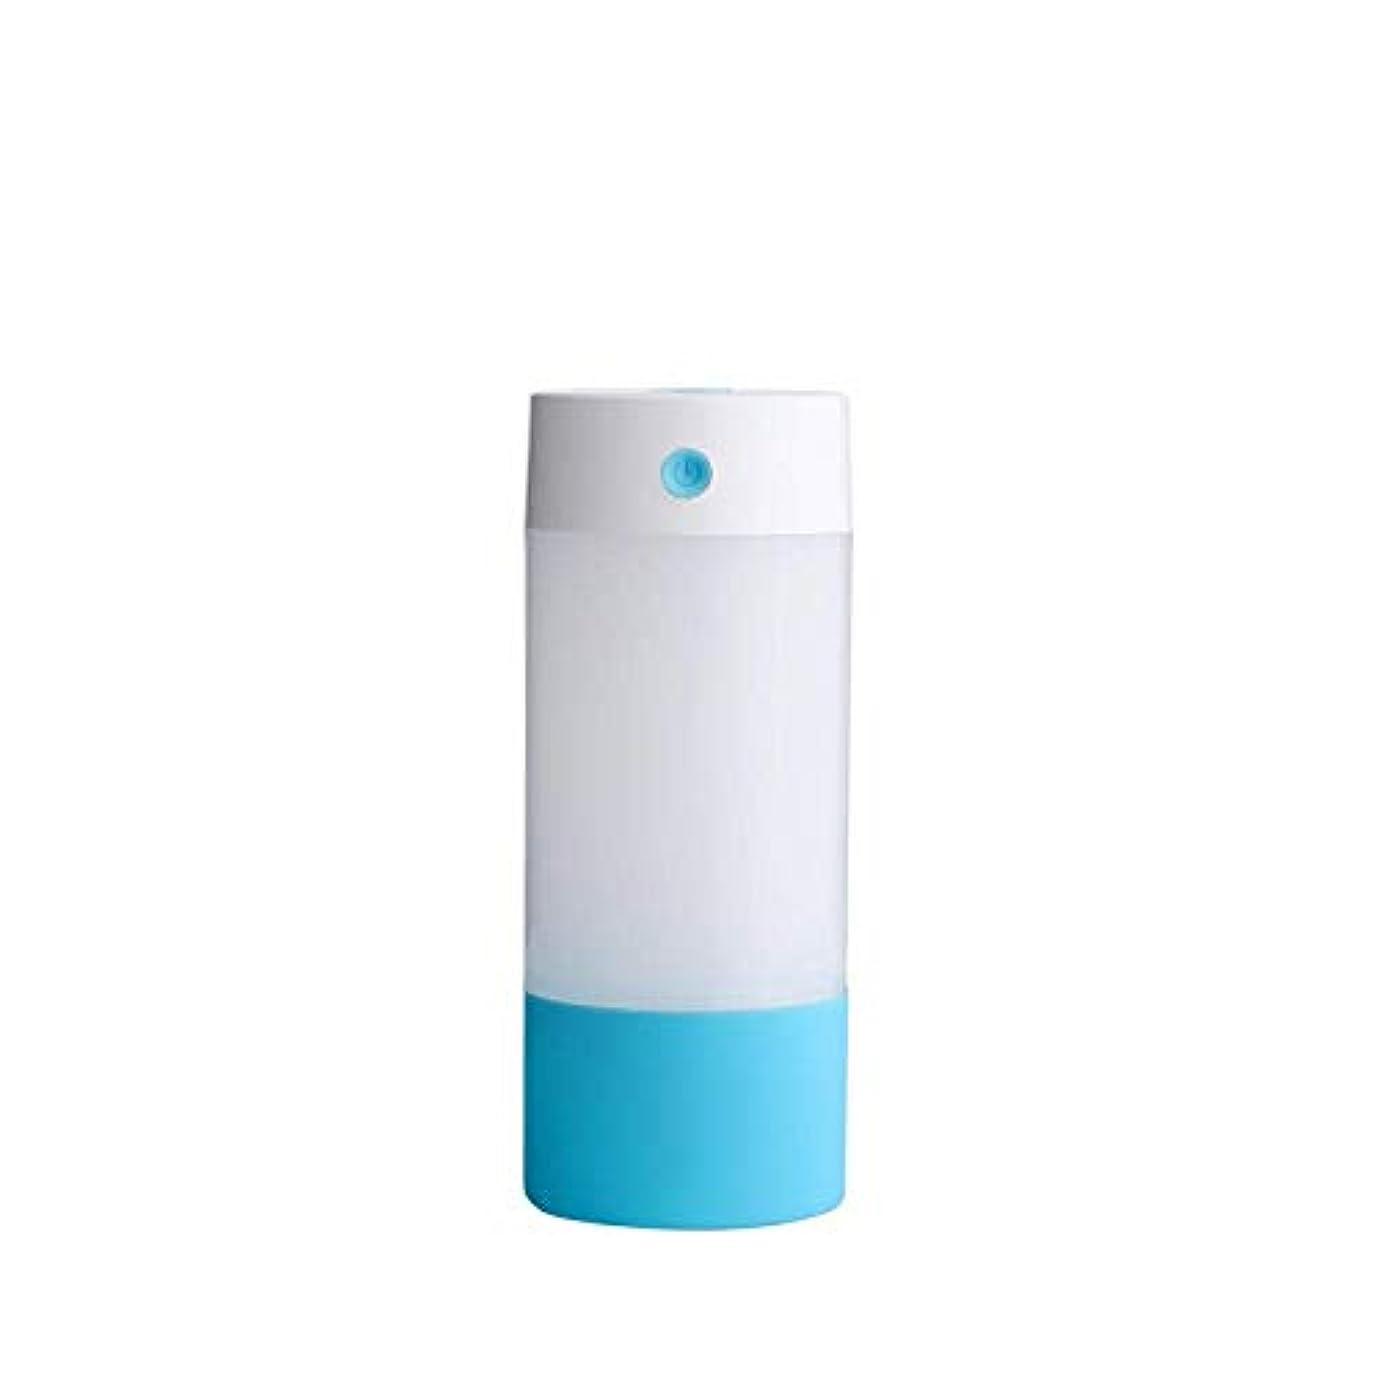 レタス疑い者カプラーSOTCE アロマディフューザー加湿器超音波霧化技術のライトカー満足のいく解決策連続霧モード湿潤環境 (Color : Blue)